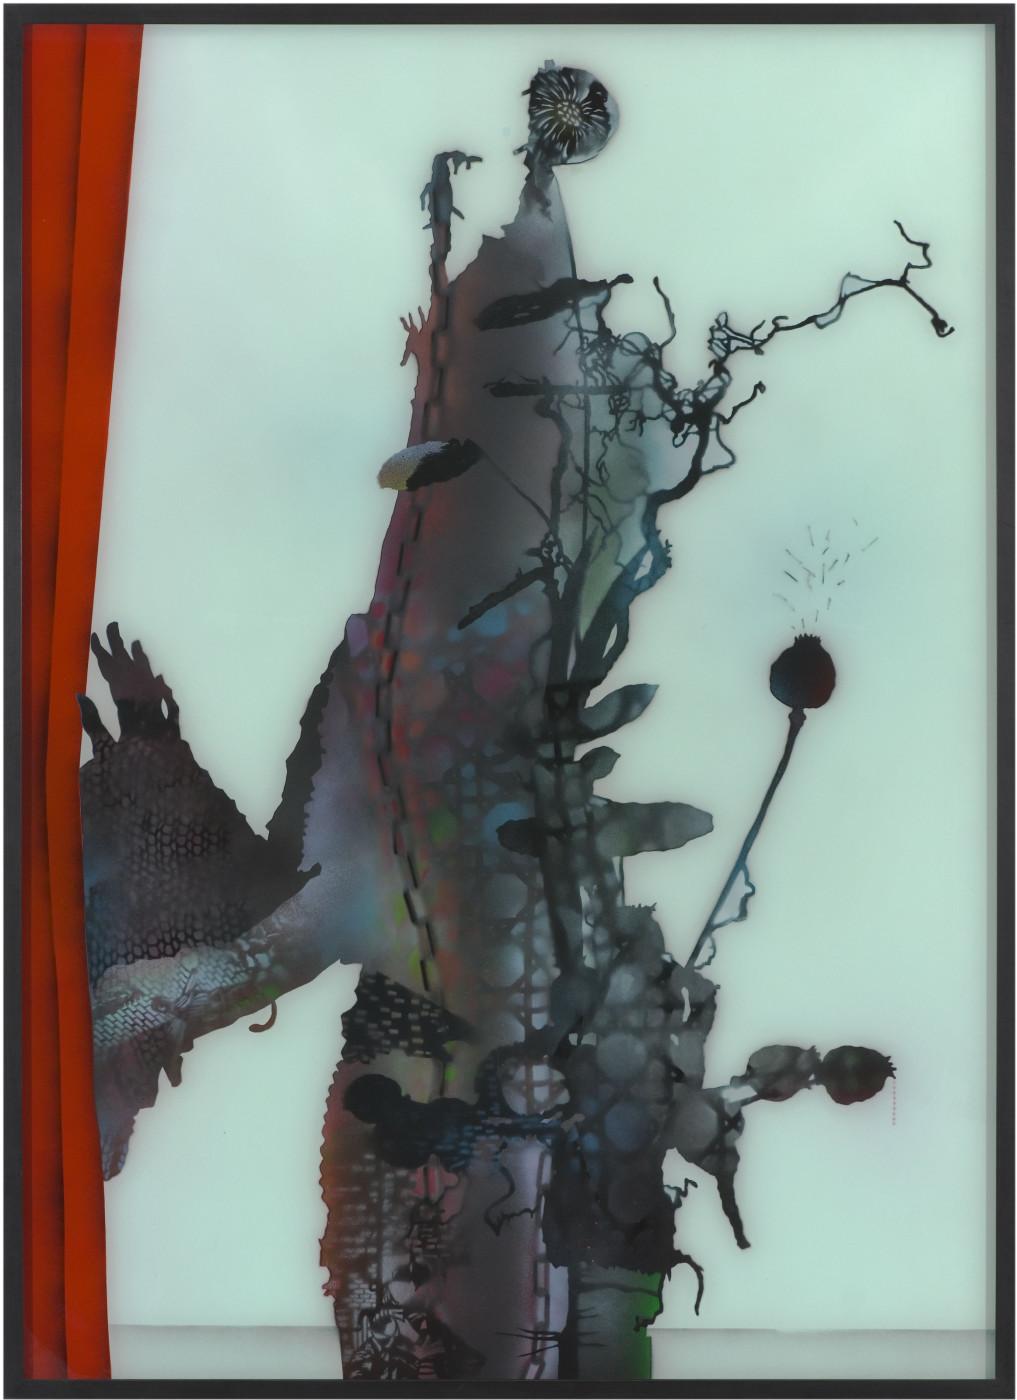 """<div class=""""artwork_caption""""><div class=""""title""""><em>Neighbourhood Witch (red curtain)</em>, 2007</div><div class=""""medium"""">spray paint on glass</div><div class=""""dimensions"""">163.5 x 118.5 cm<br />64 3/8 x 46 5/8 in.</div></div>"""